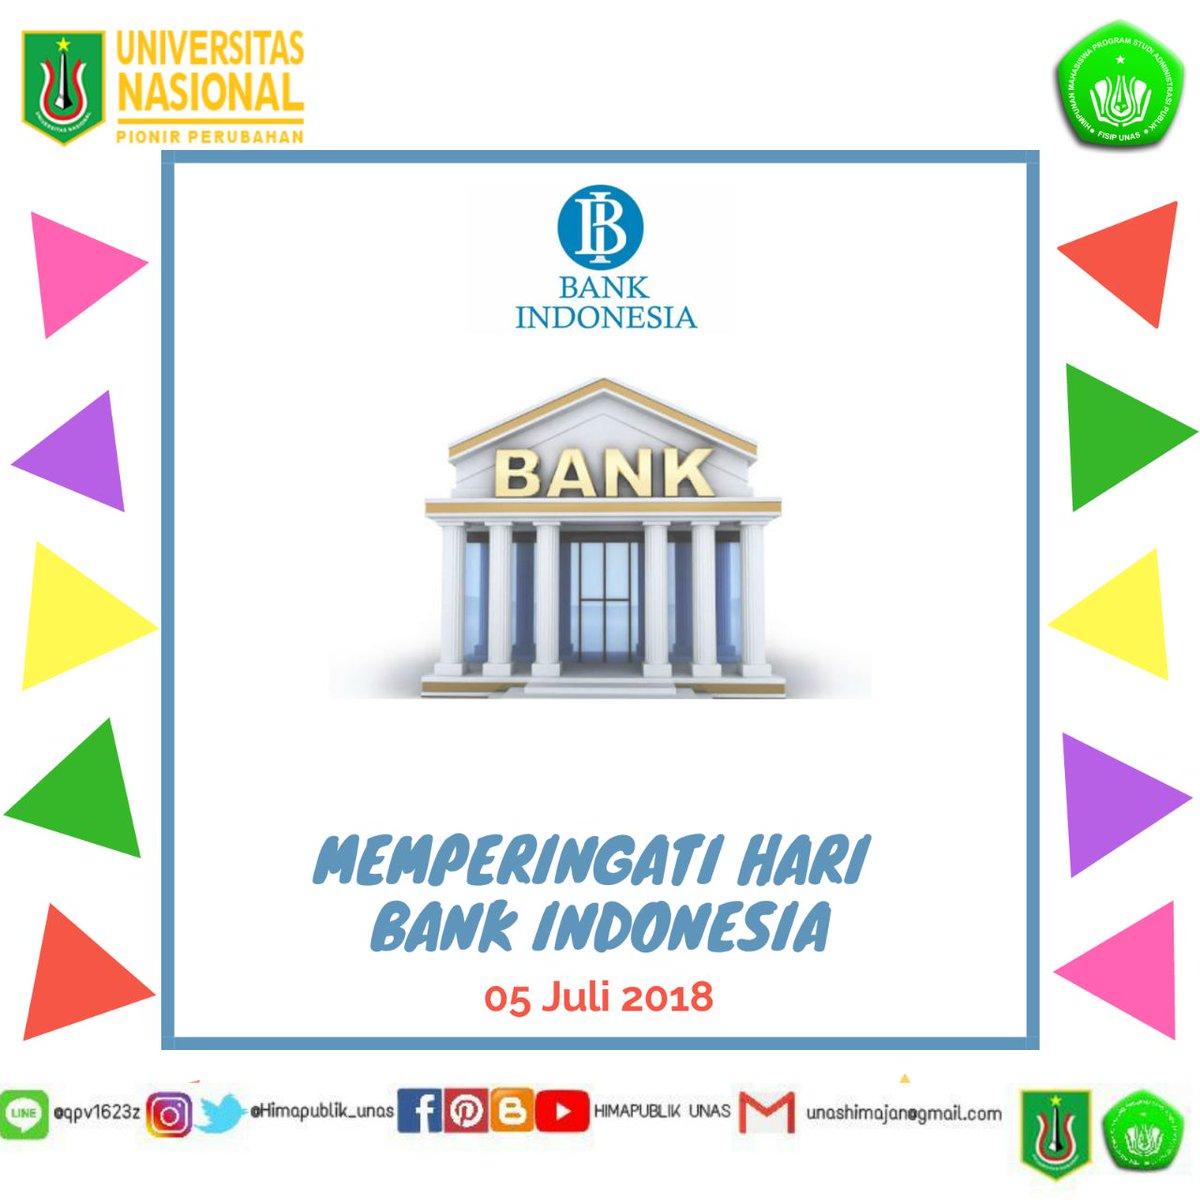 [05 Juli 2018]  💰 Selamat Hari Bank Indonesia 💰  Sejak tahun 1999 Bank Indonesia telah menjadi bank sentral yang Independen.  Maju terus perekonomian dan perbankan Indonesia!  #HariBankIndonesia #BankIndonesia #Himapublik